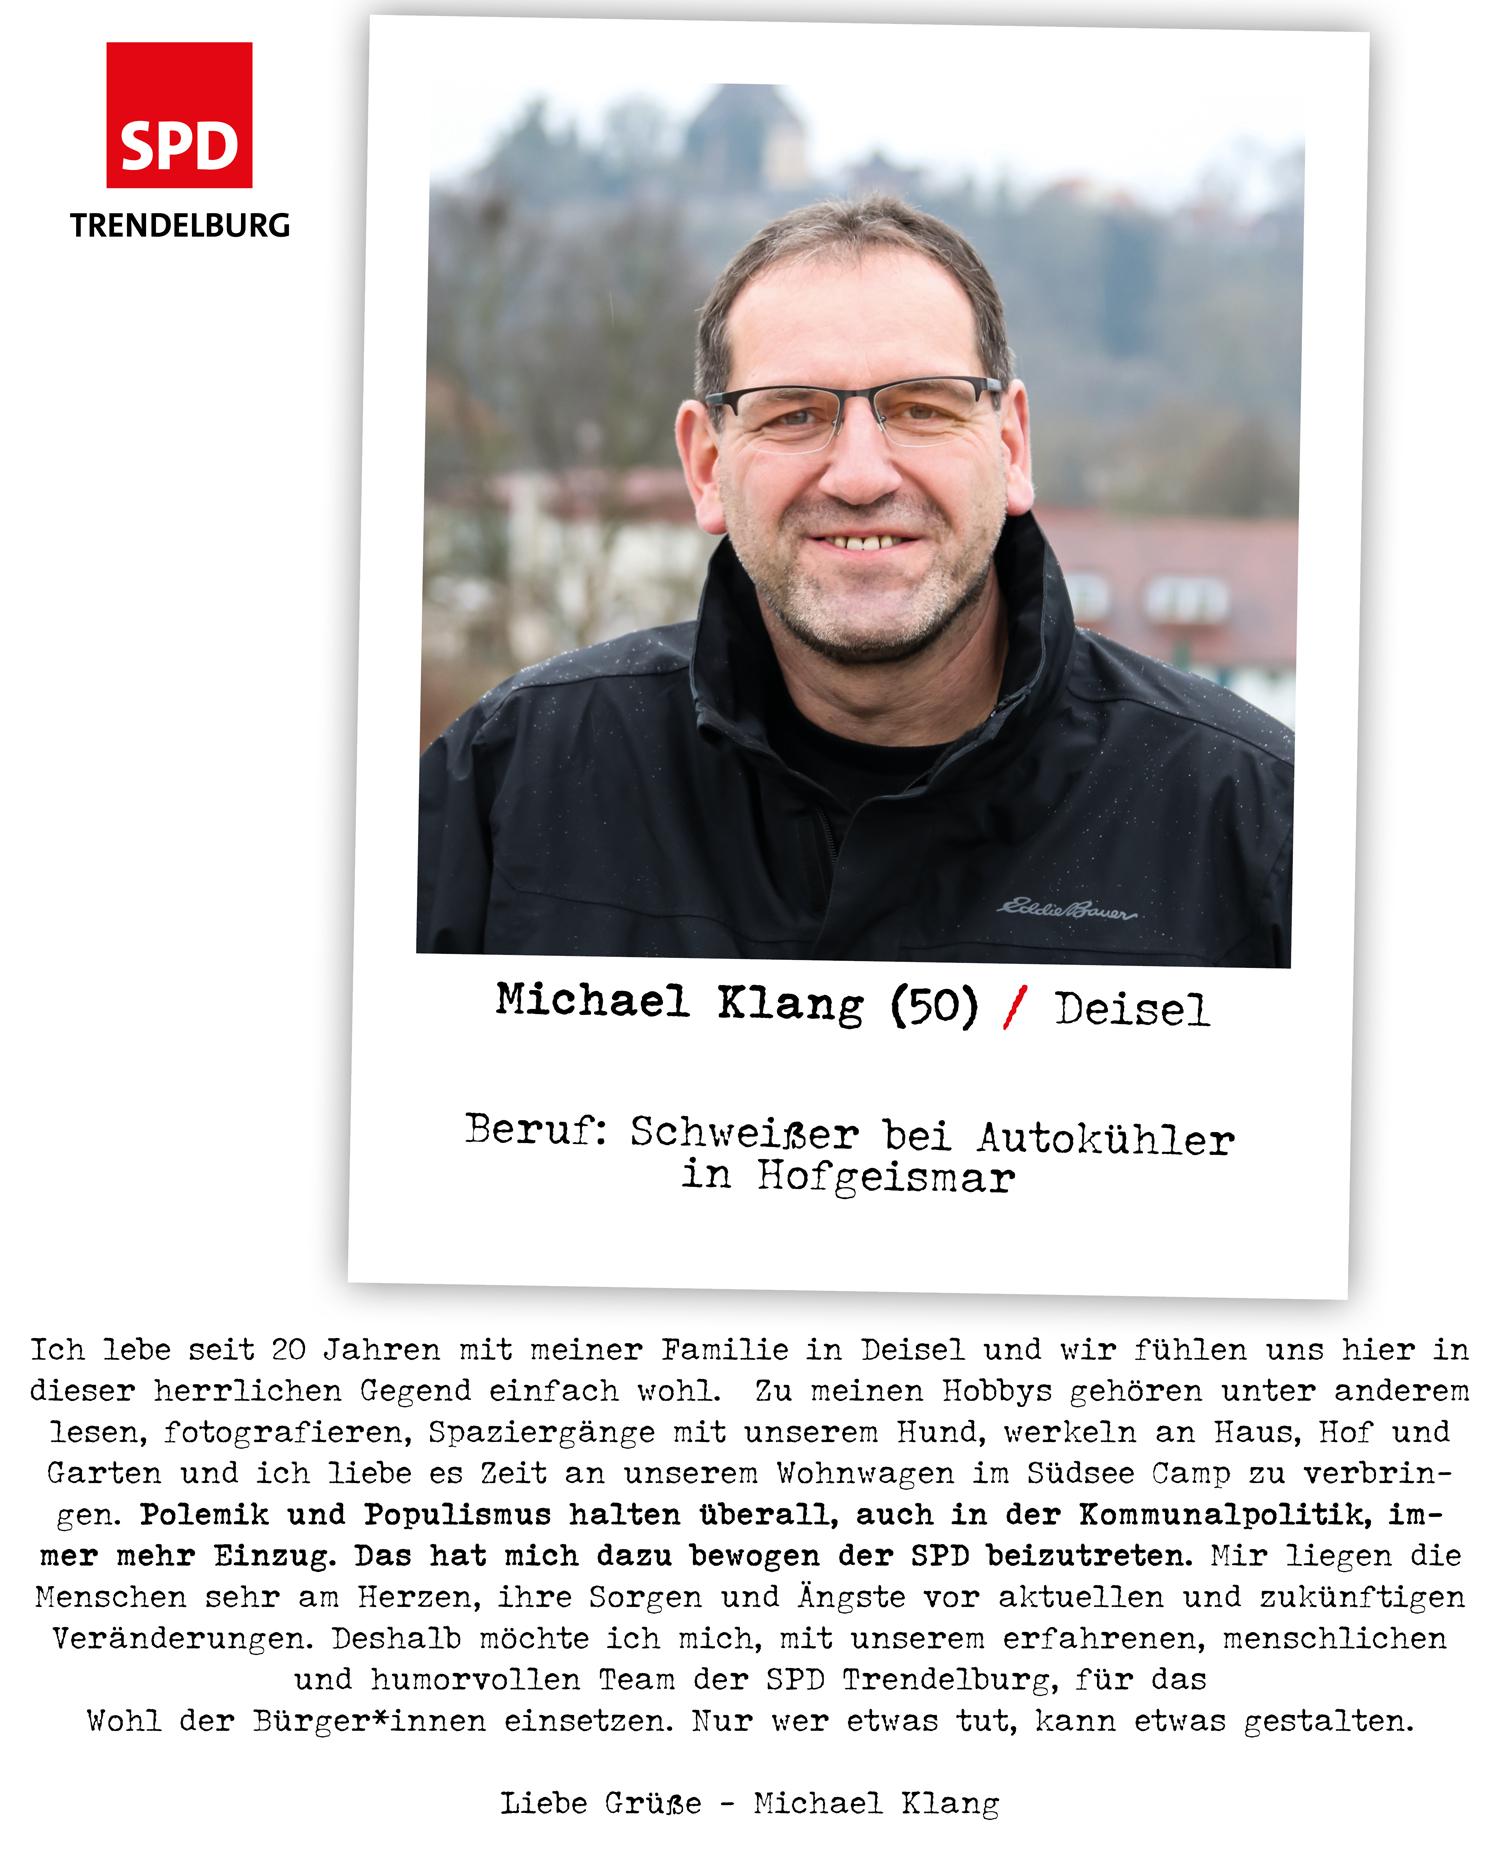 Michael Klang